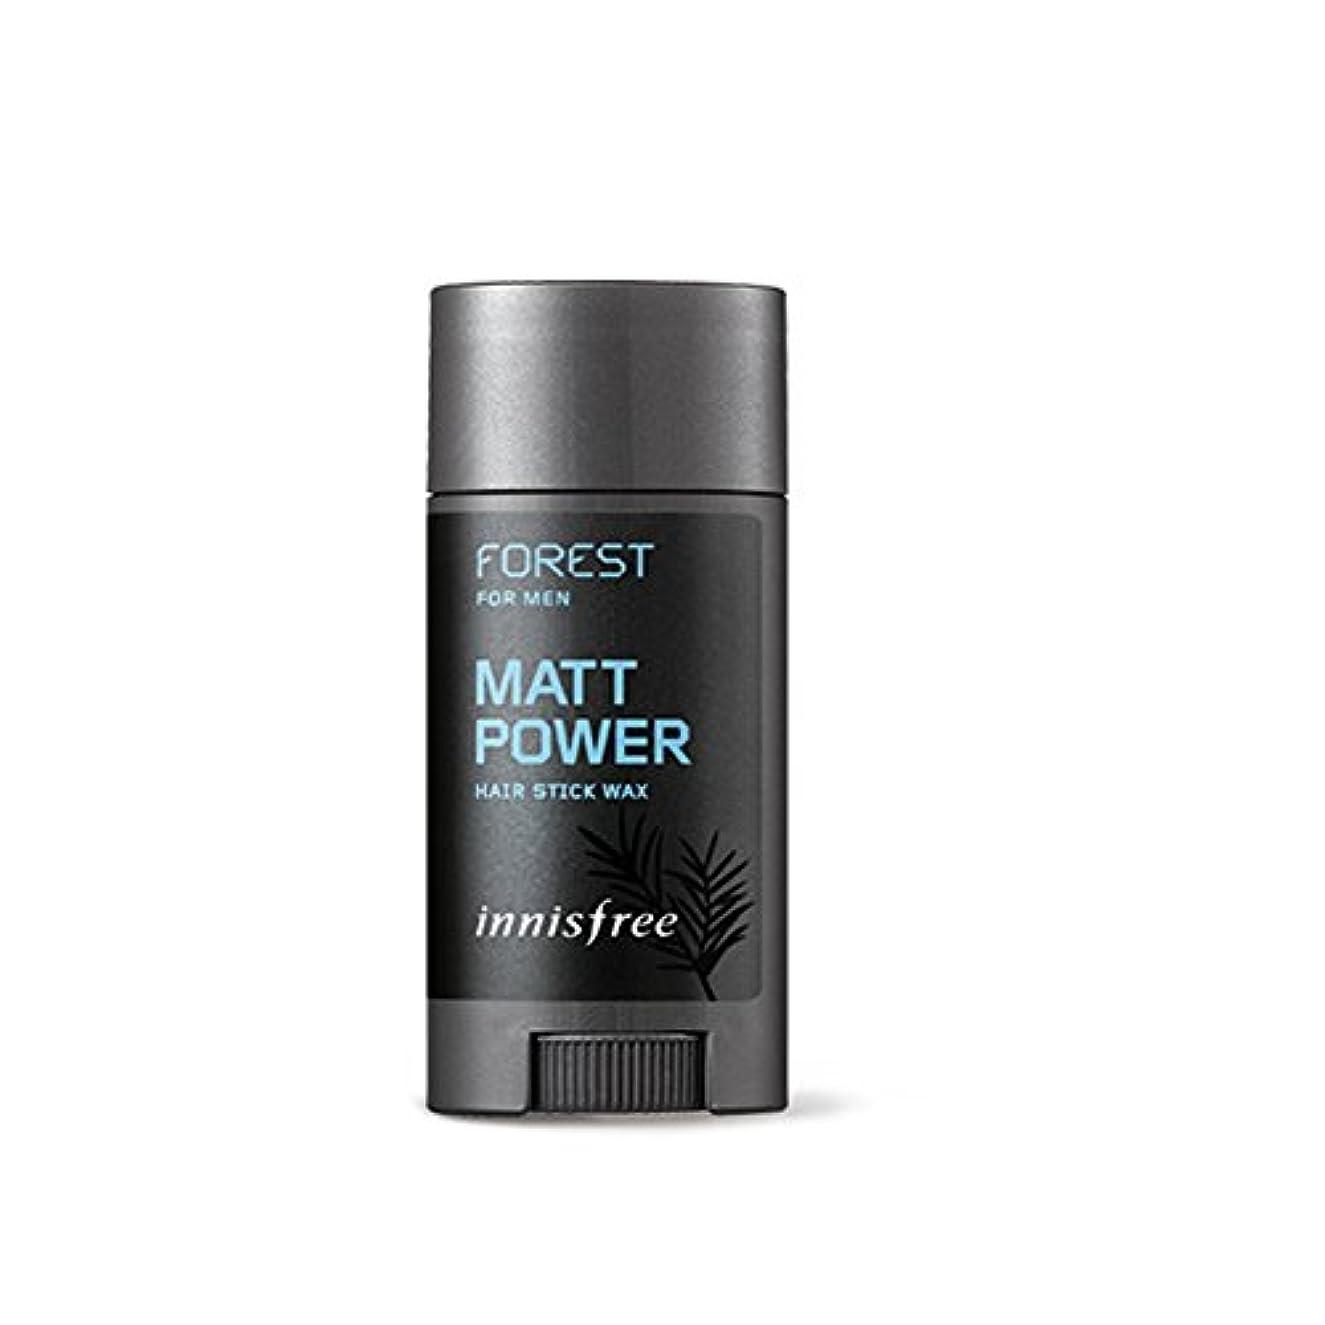 良さ貧しい再びイニスフリーフォレストメンズヘアスティックワックス、マットパワー15g / Innisfree Forest for Men Hair Stick Wax, Matt Power 15g [並行輸入品][海外直送品]